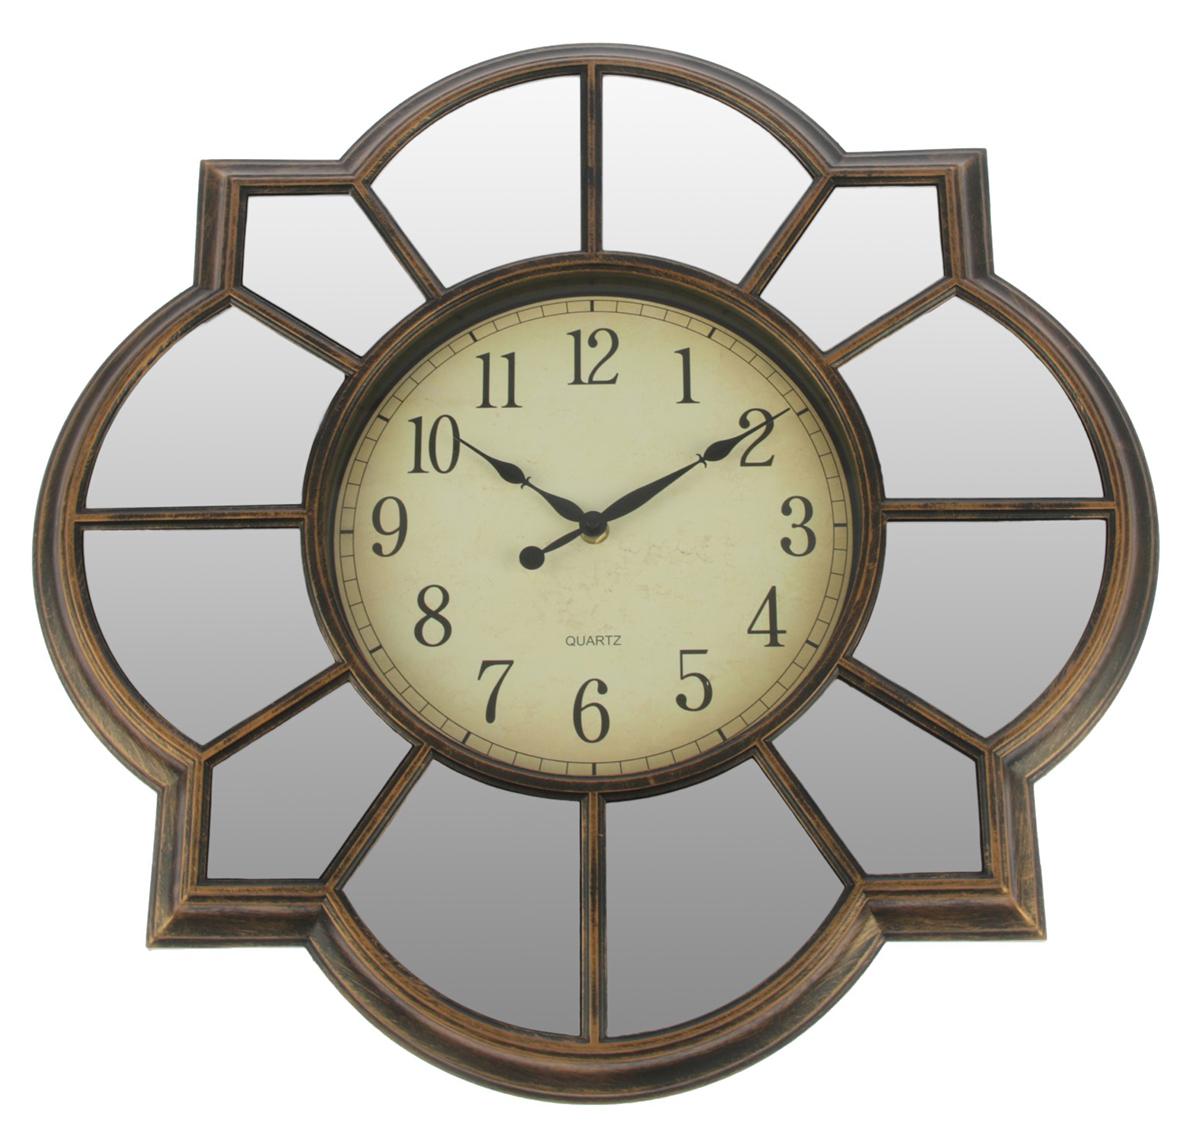 Часы настенные Зеркала, цвет: бронза, 50 х 50 см хочу продать свою квартиру которая менее 3х лет и другую какие налоги надо заплатить